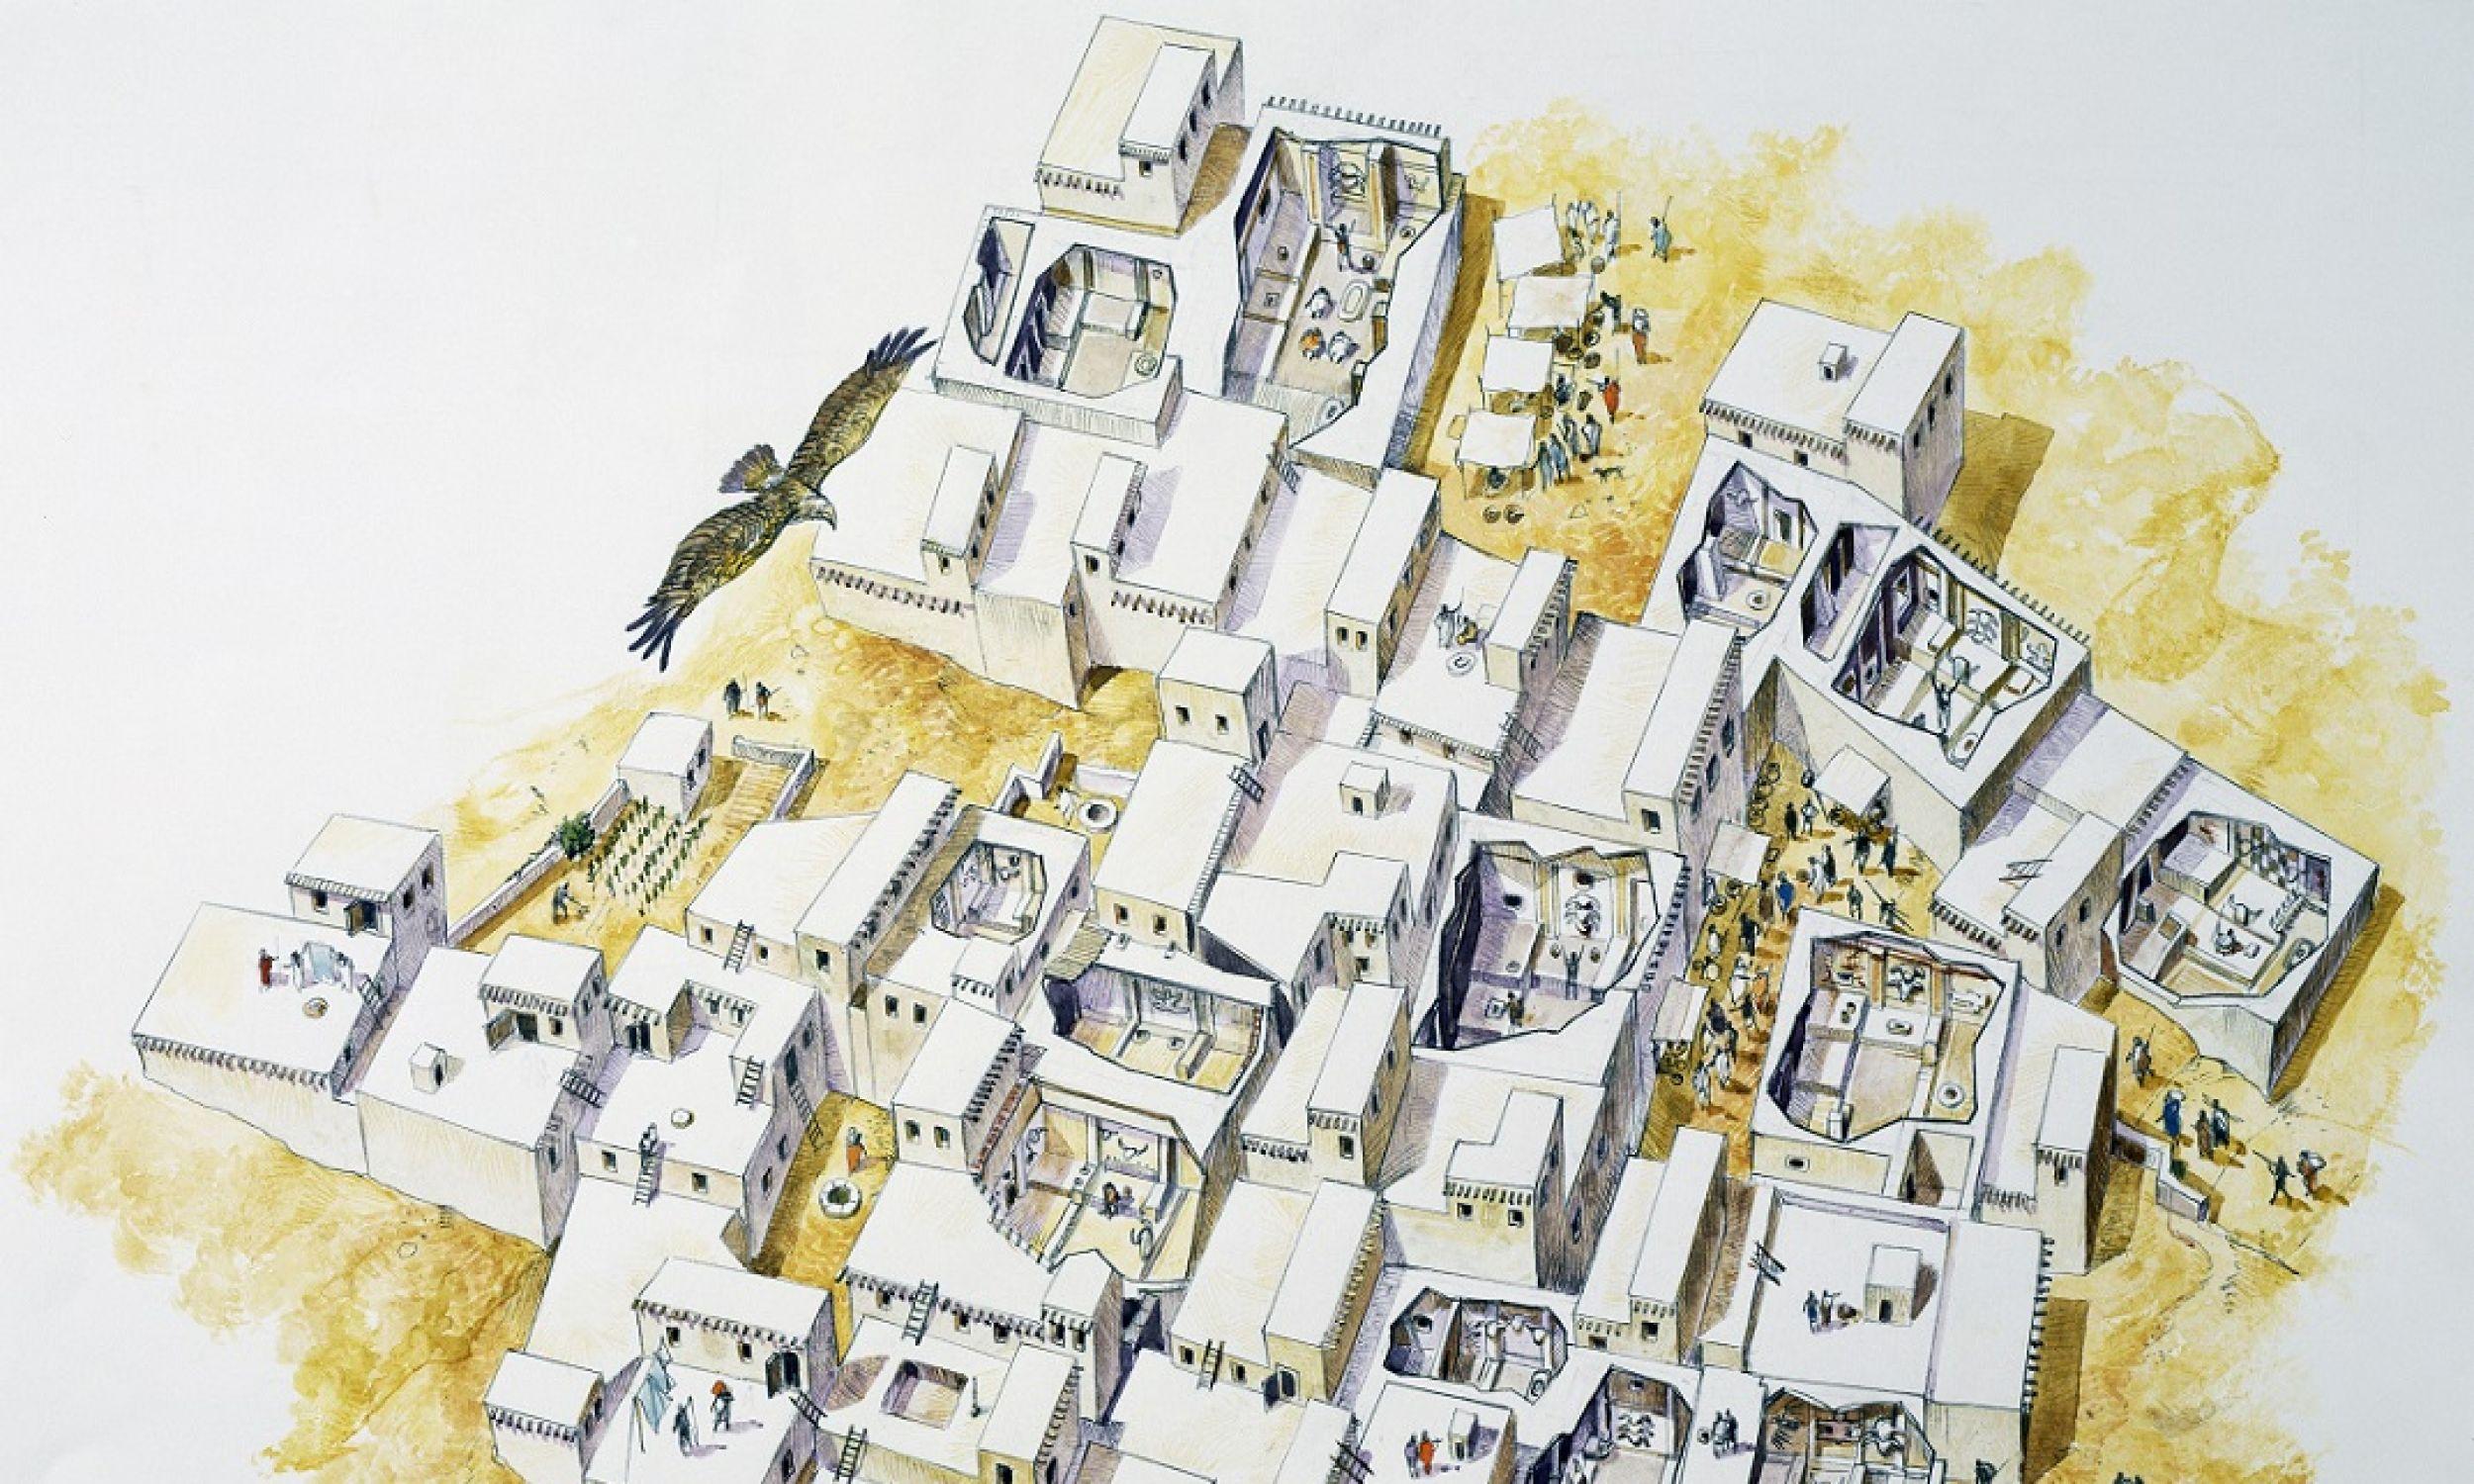 Plan osady Çatalhöyük, z jednopokojowymi domami, do których wchodzono przez dachy. Założono ją jakieś 7,1 tys. lat przed naszą erą, a przez stulecia nadbudowywano kolejne warstwy. Zasypywano bowiem co jakiś czas wnętrza domów (miały szereg platform, pod którymi grzebano zmarłych, a ich liczba przekraczała znacznie wielkość grupy mieszkańców) i zaczynano żyć niejako piętro wyżej, ale w tym samym miejscu. Osada nie posiadała żadnych murów obronnych. Fot. DeAgostini / Getty Images